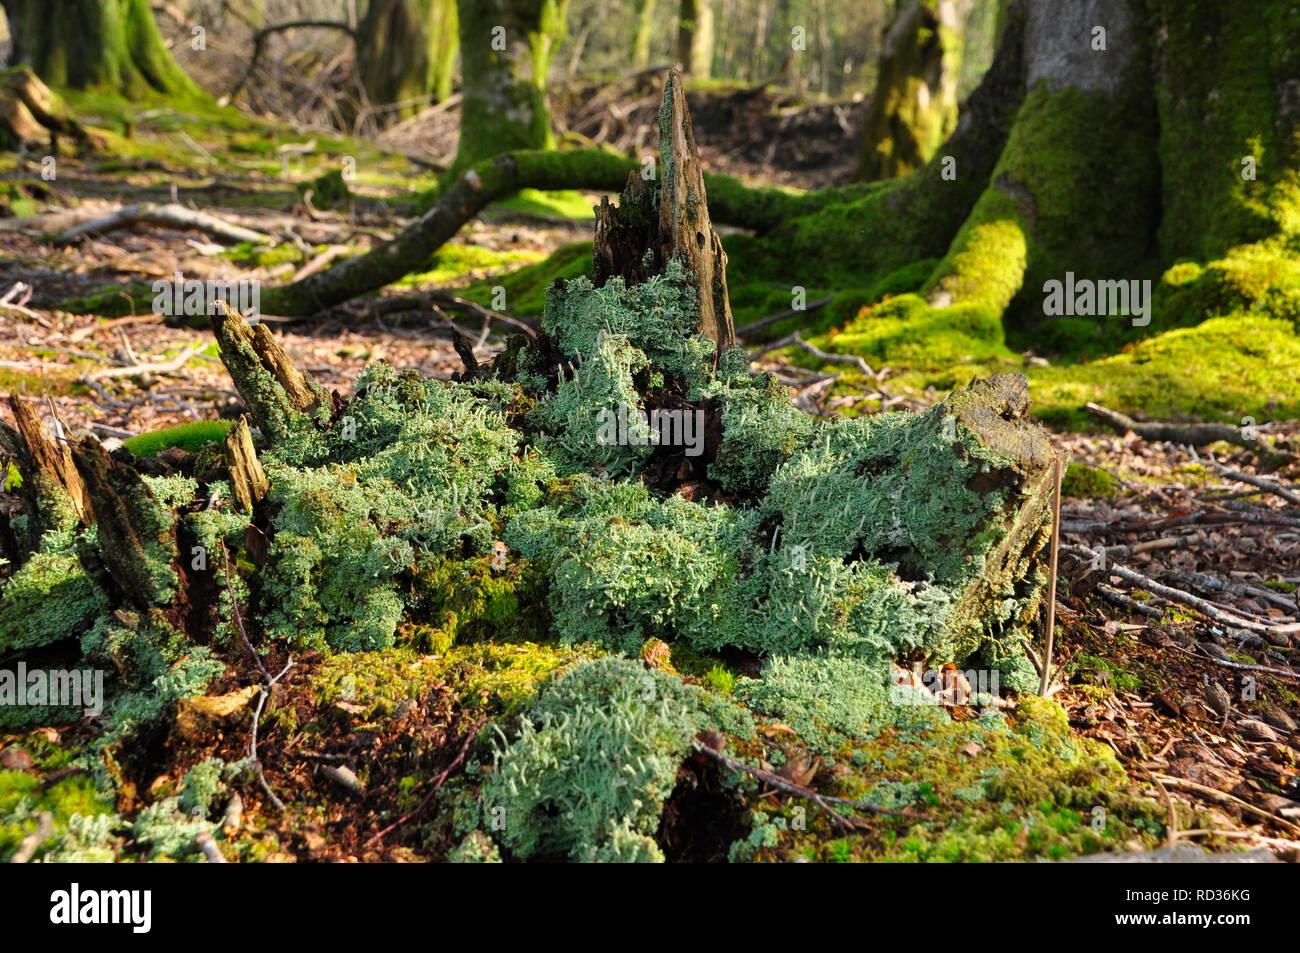 Grüne Flechte Stockfotos Grüne Flechte Bilder Alamy